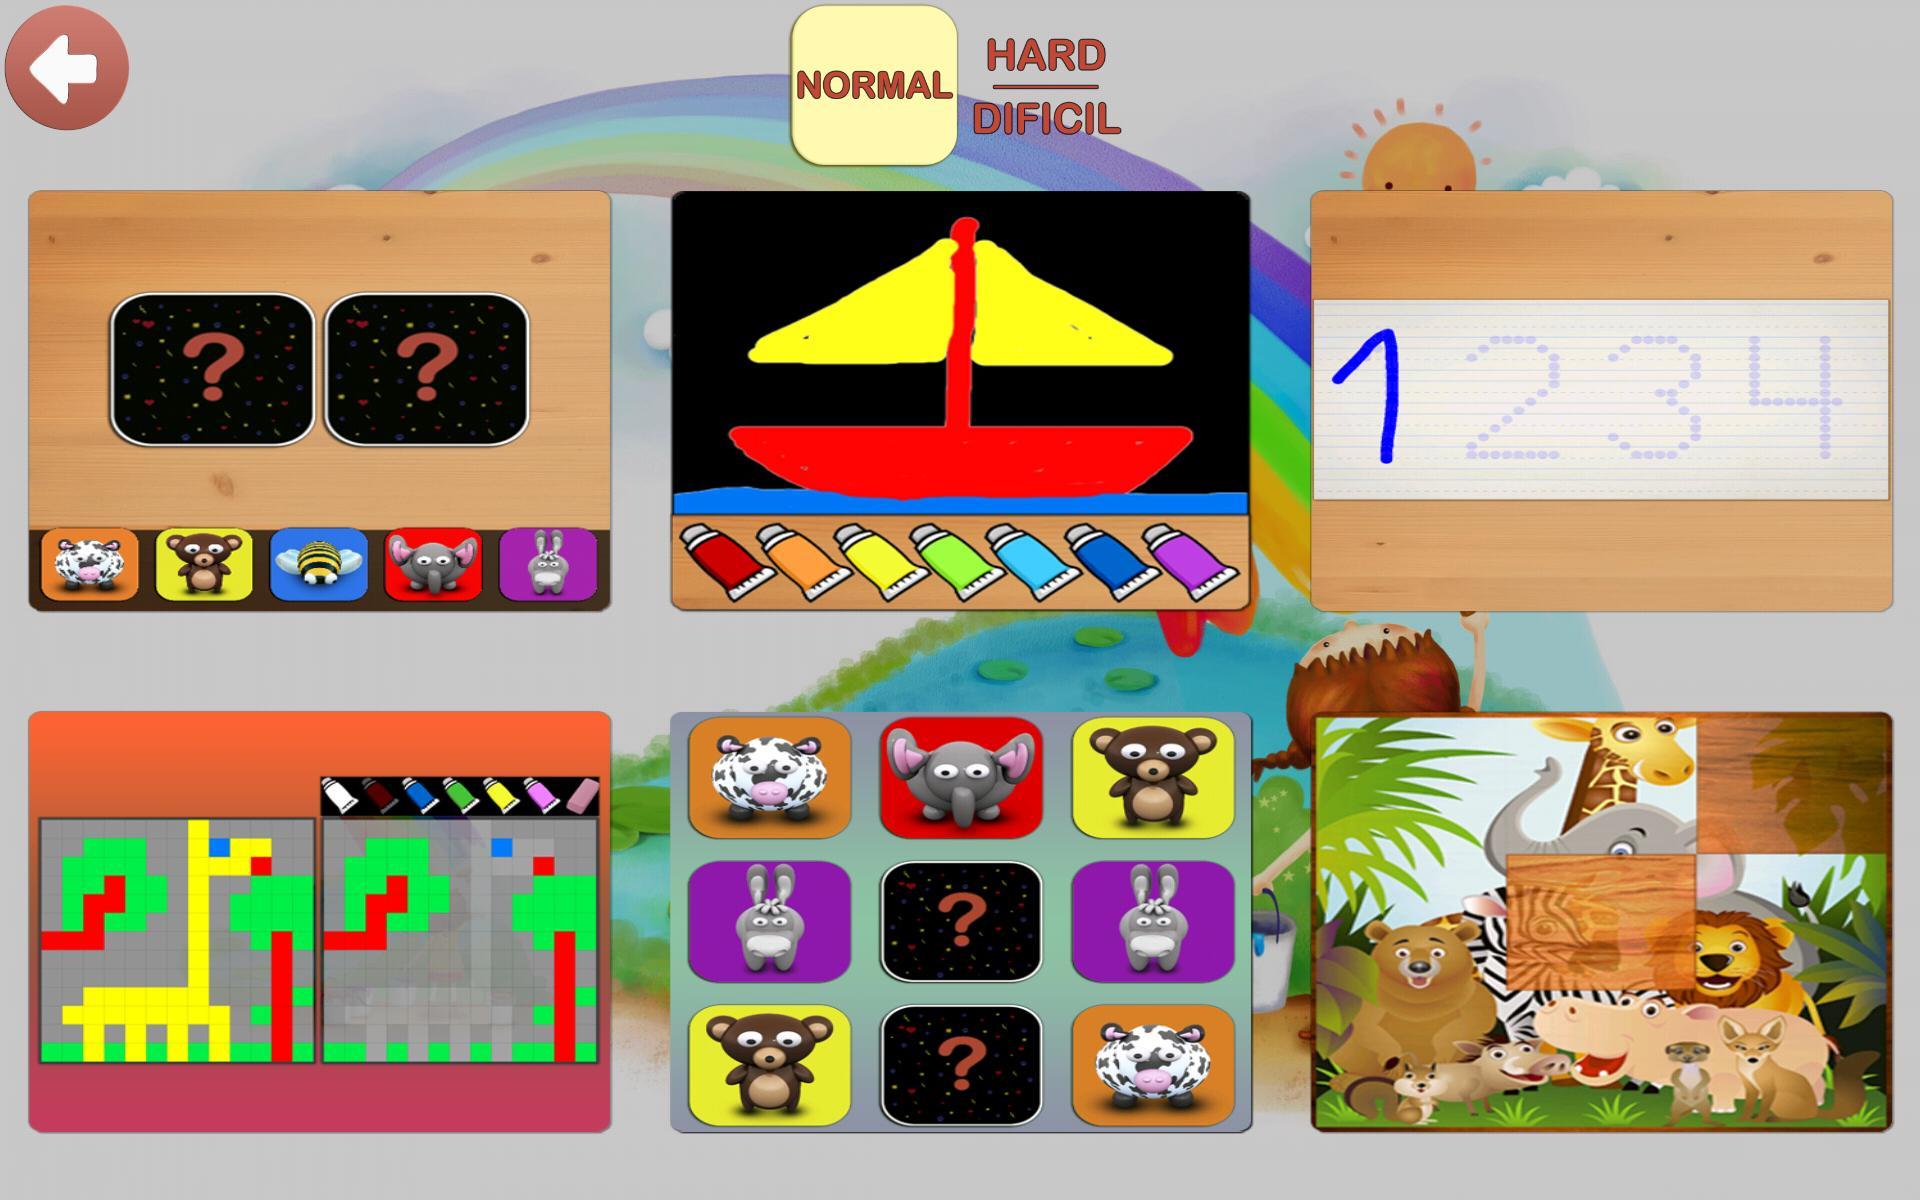 Enfants Jeux Éducatif Gratuit Pour Android - Téléchargez L'apk intérieur Jeux Educatif Enfant Gratuit